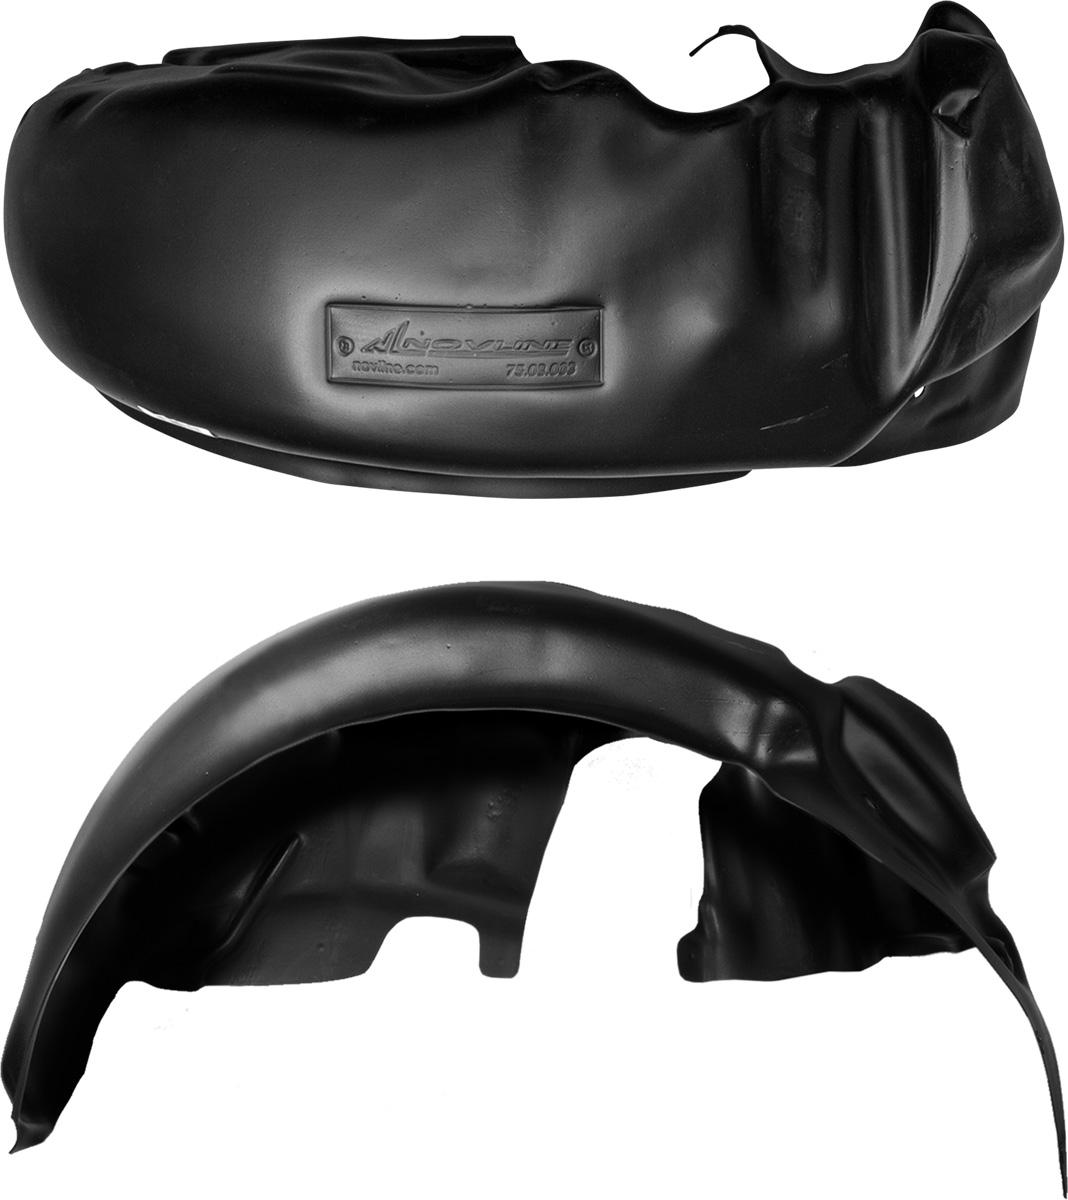 Подкрылок Novline-Autofamily, для Mitsubishi Pajero Sport 2008->, задний левыйNLL.35.20.003Колесные ниши - одни из самых уязвимых зон днища вашего автомобиля. Они постоянно подвергаются воздействию со стороны дороги. Лучшая, почти абсолютная защита для них - специально отформованные пластиковые кожухи, которые называются подкрылками. Производятся они как для отечественных моделей автомобилей, так и для иномарок. Подкрылки Novline-Autofamily выполнены из высококачественного, экологически чистого пластика. Обеспечивают надежную защиту кузова автомобиля от пескоструйного эффекта и негативного влияния, агрессивных антигололедных реагентов. Пластик обладает более низкой теплопроводностью, чем металл, поэтому в зимний период эксплуатации использование пластиковых подкрылков позволяет лучше защитить колесные ниши от налипания снега и образования наледи. Оригинальность конструкции подчеркивает элегантность автомобиля, бережно защищает нанесенное на днище кузова антикоррозийное покрытие и позволяет осуществить крепление подкрылков внутри колесной арки практически без...